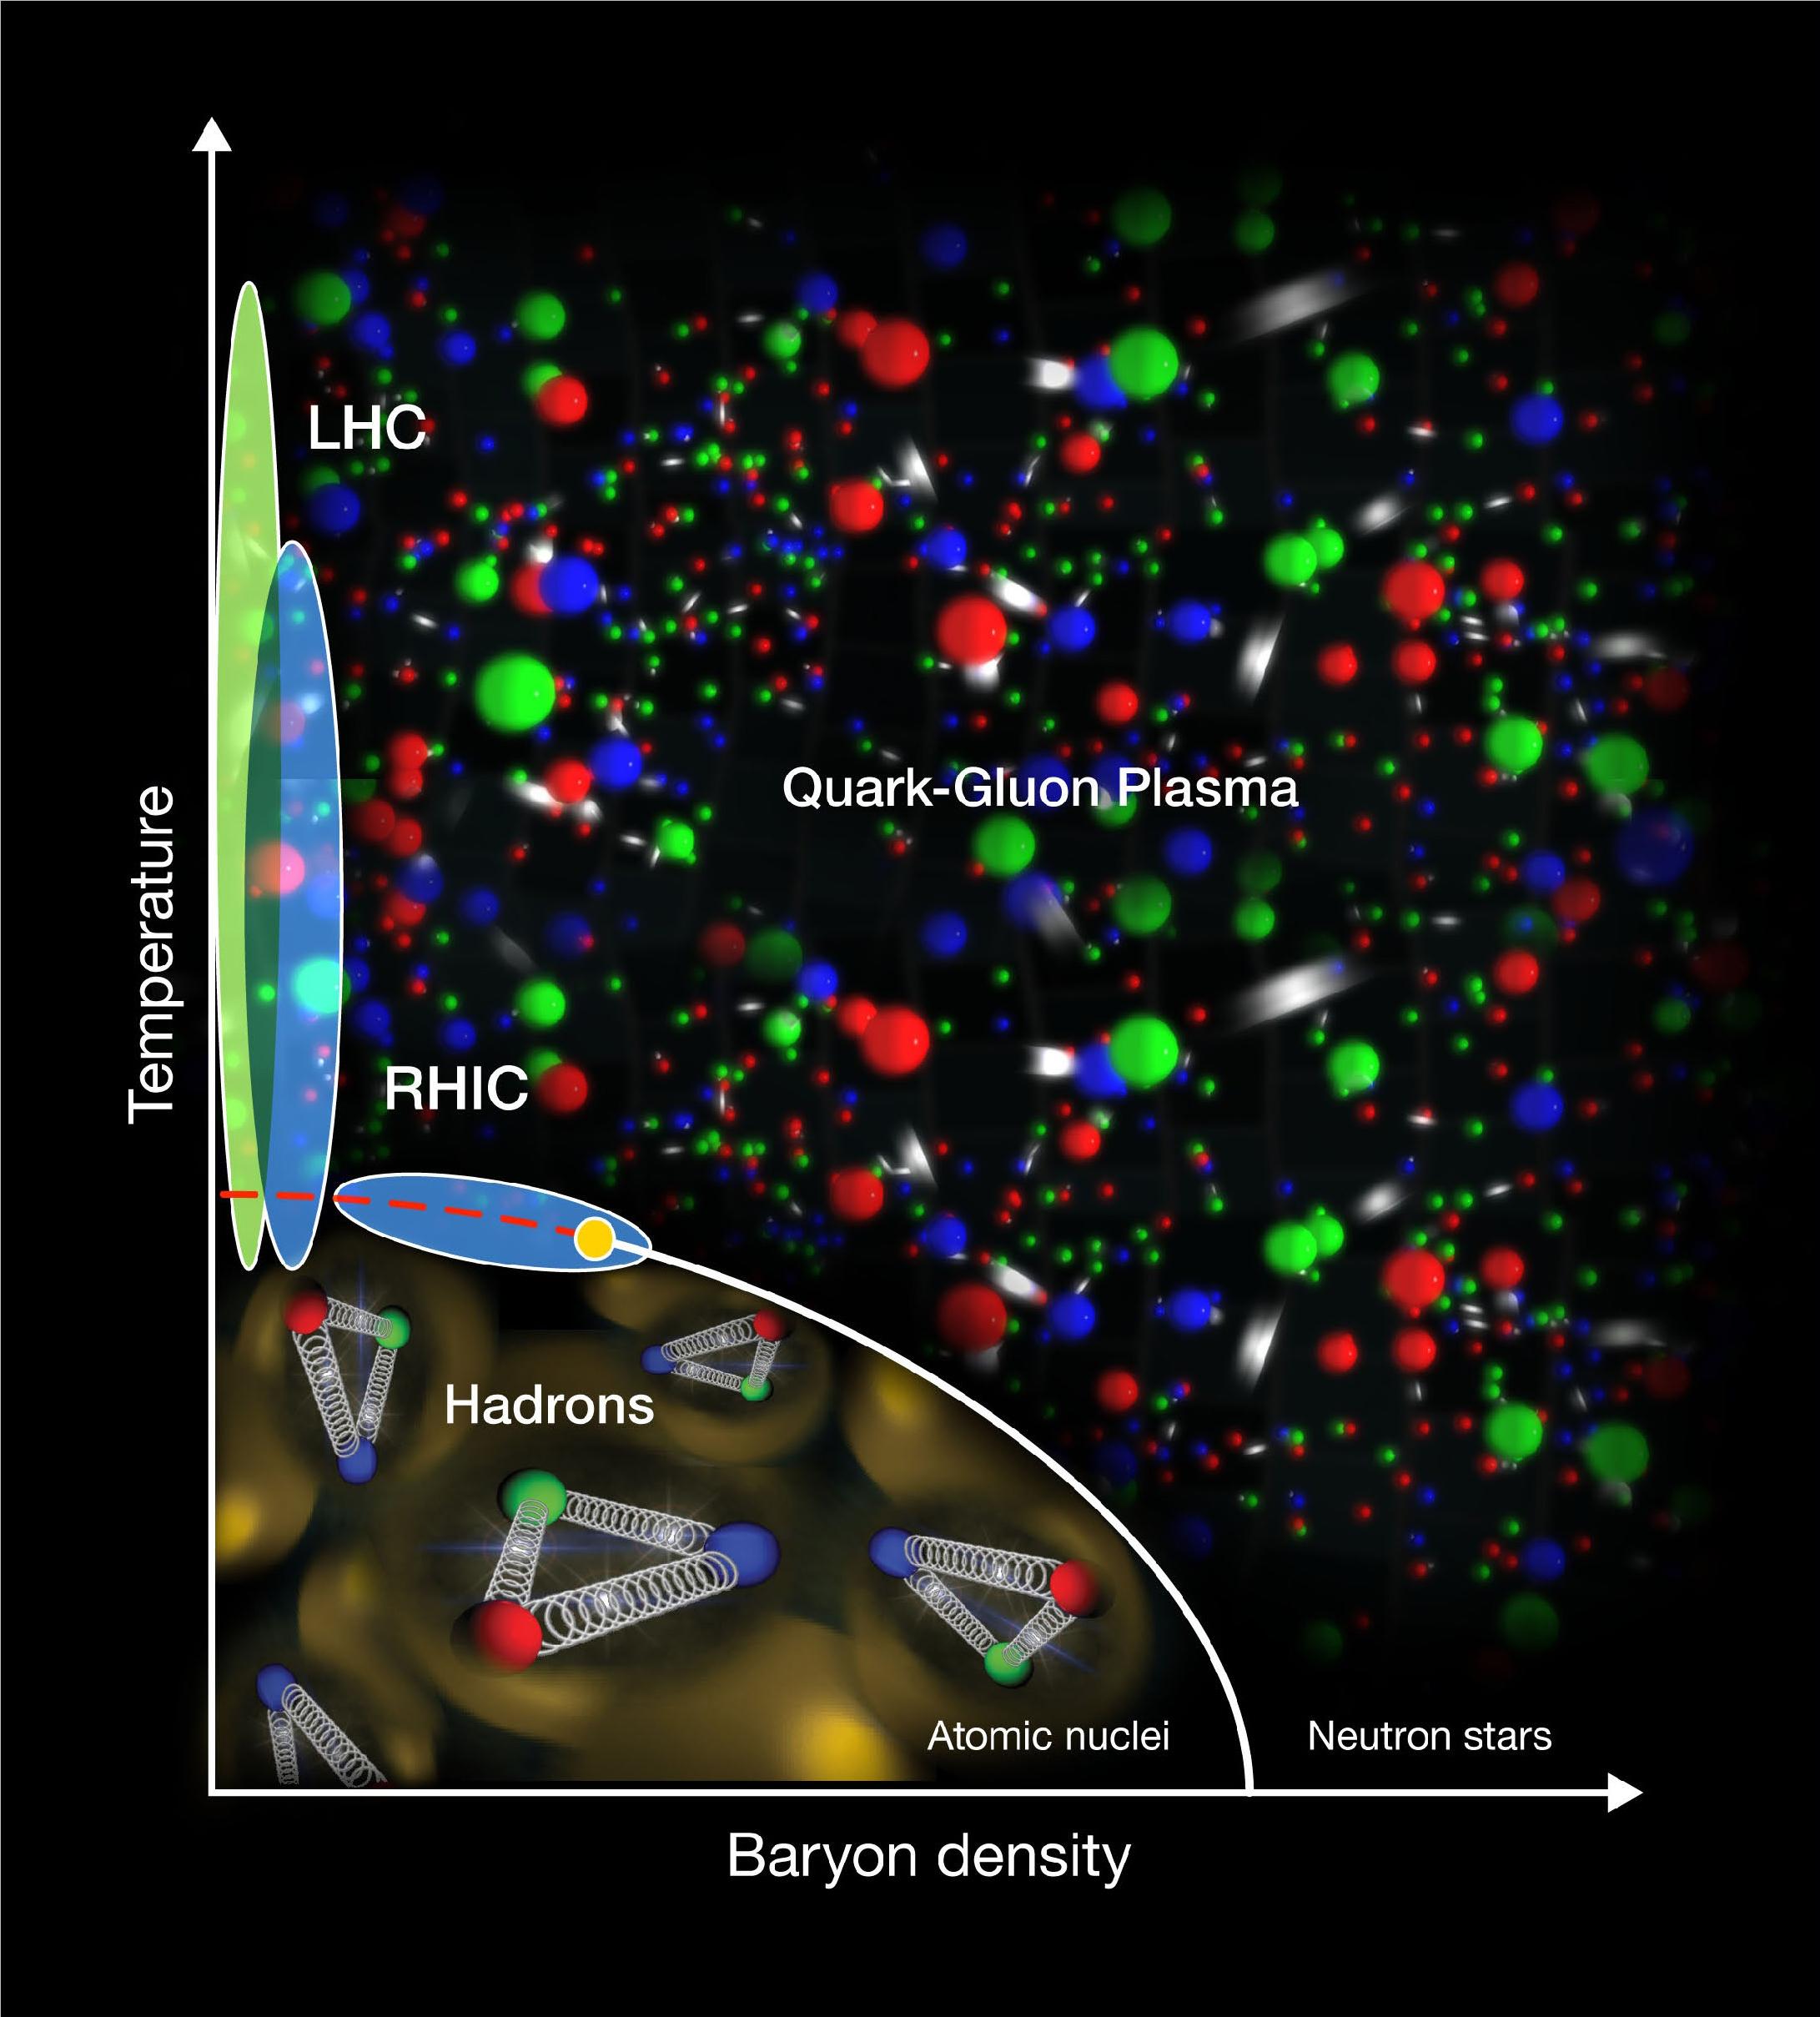 Plasma de quarks et de gluons